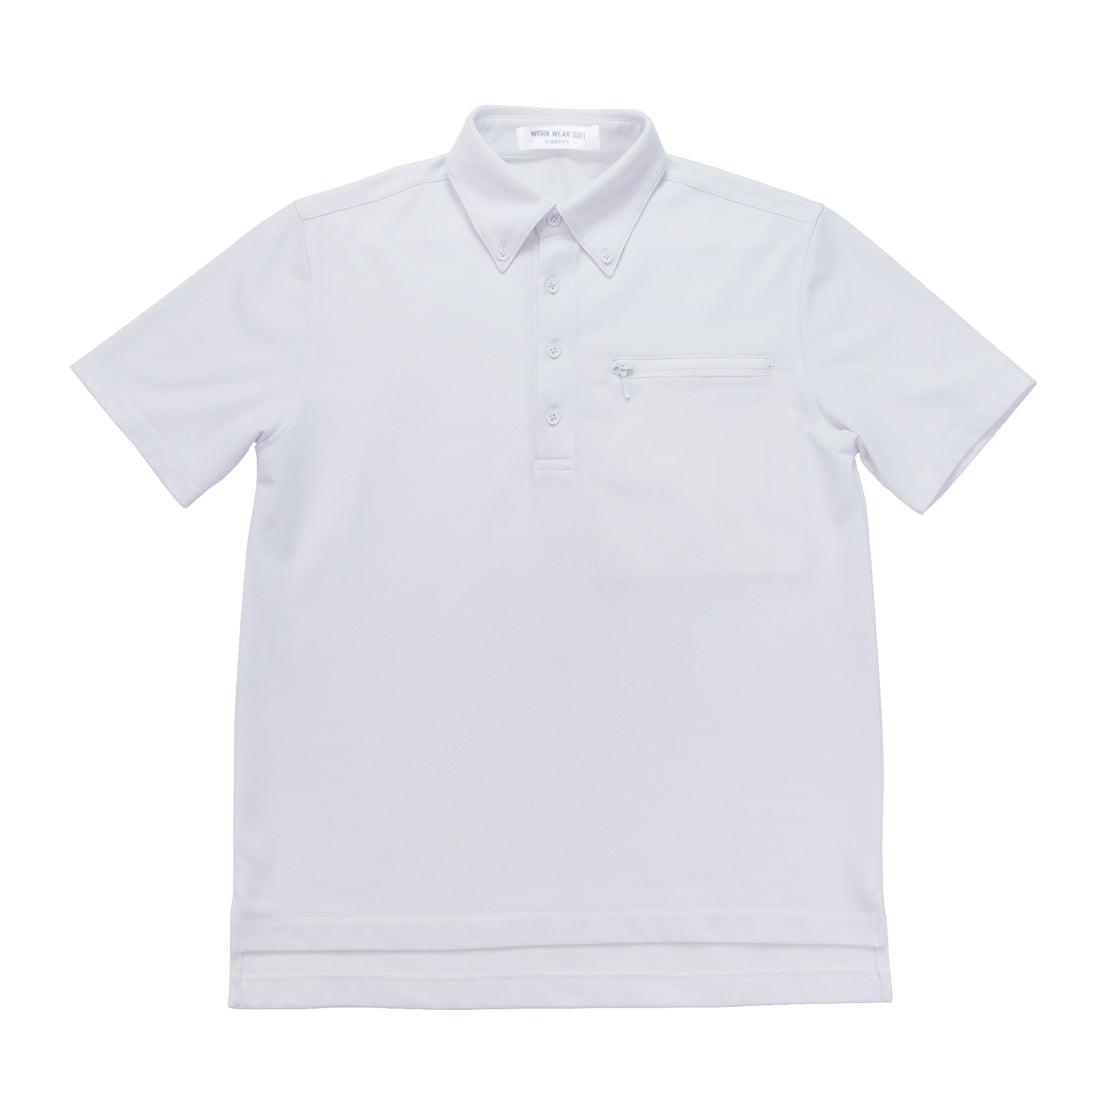 MENS 半袖ワークビズポロシャツ(ホワイト)